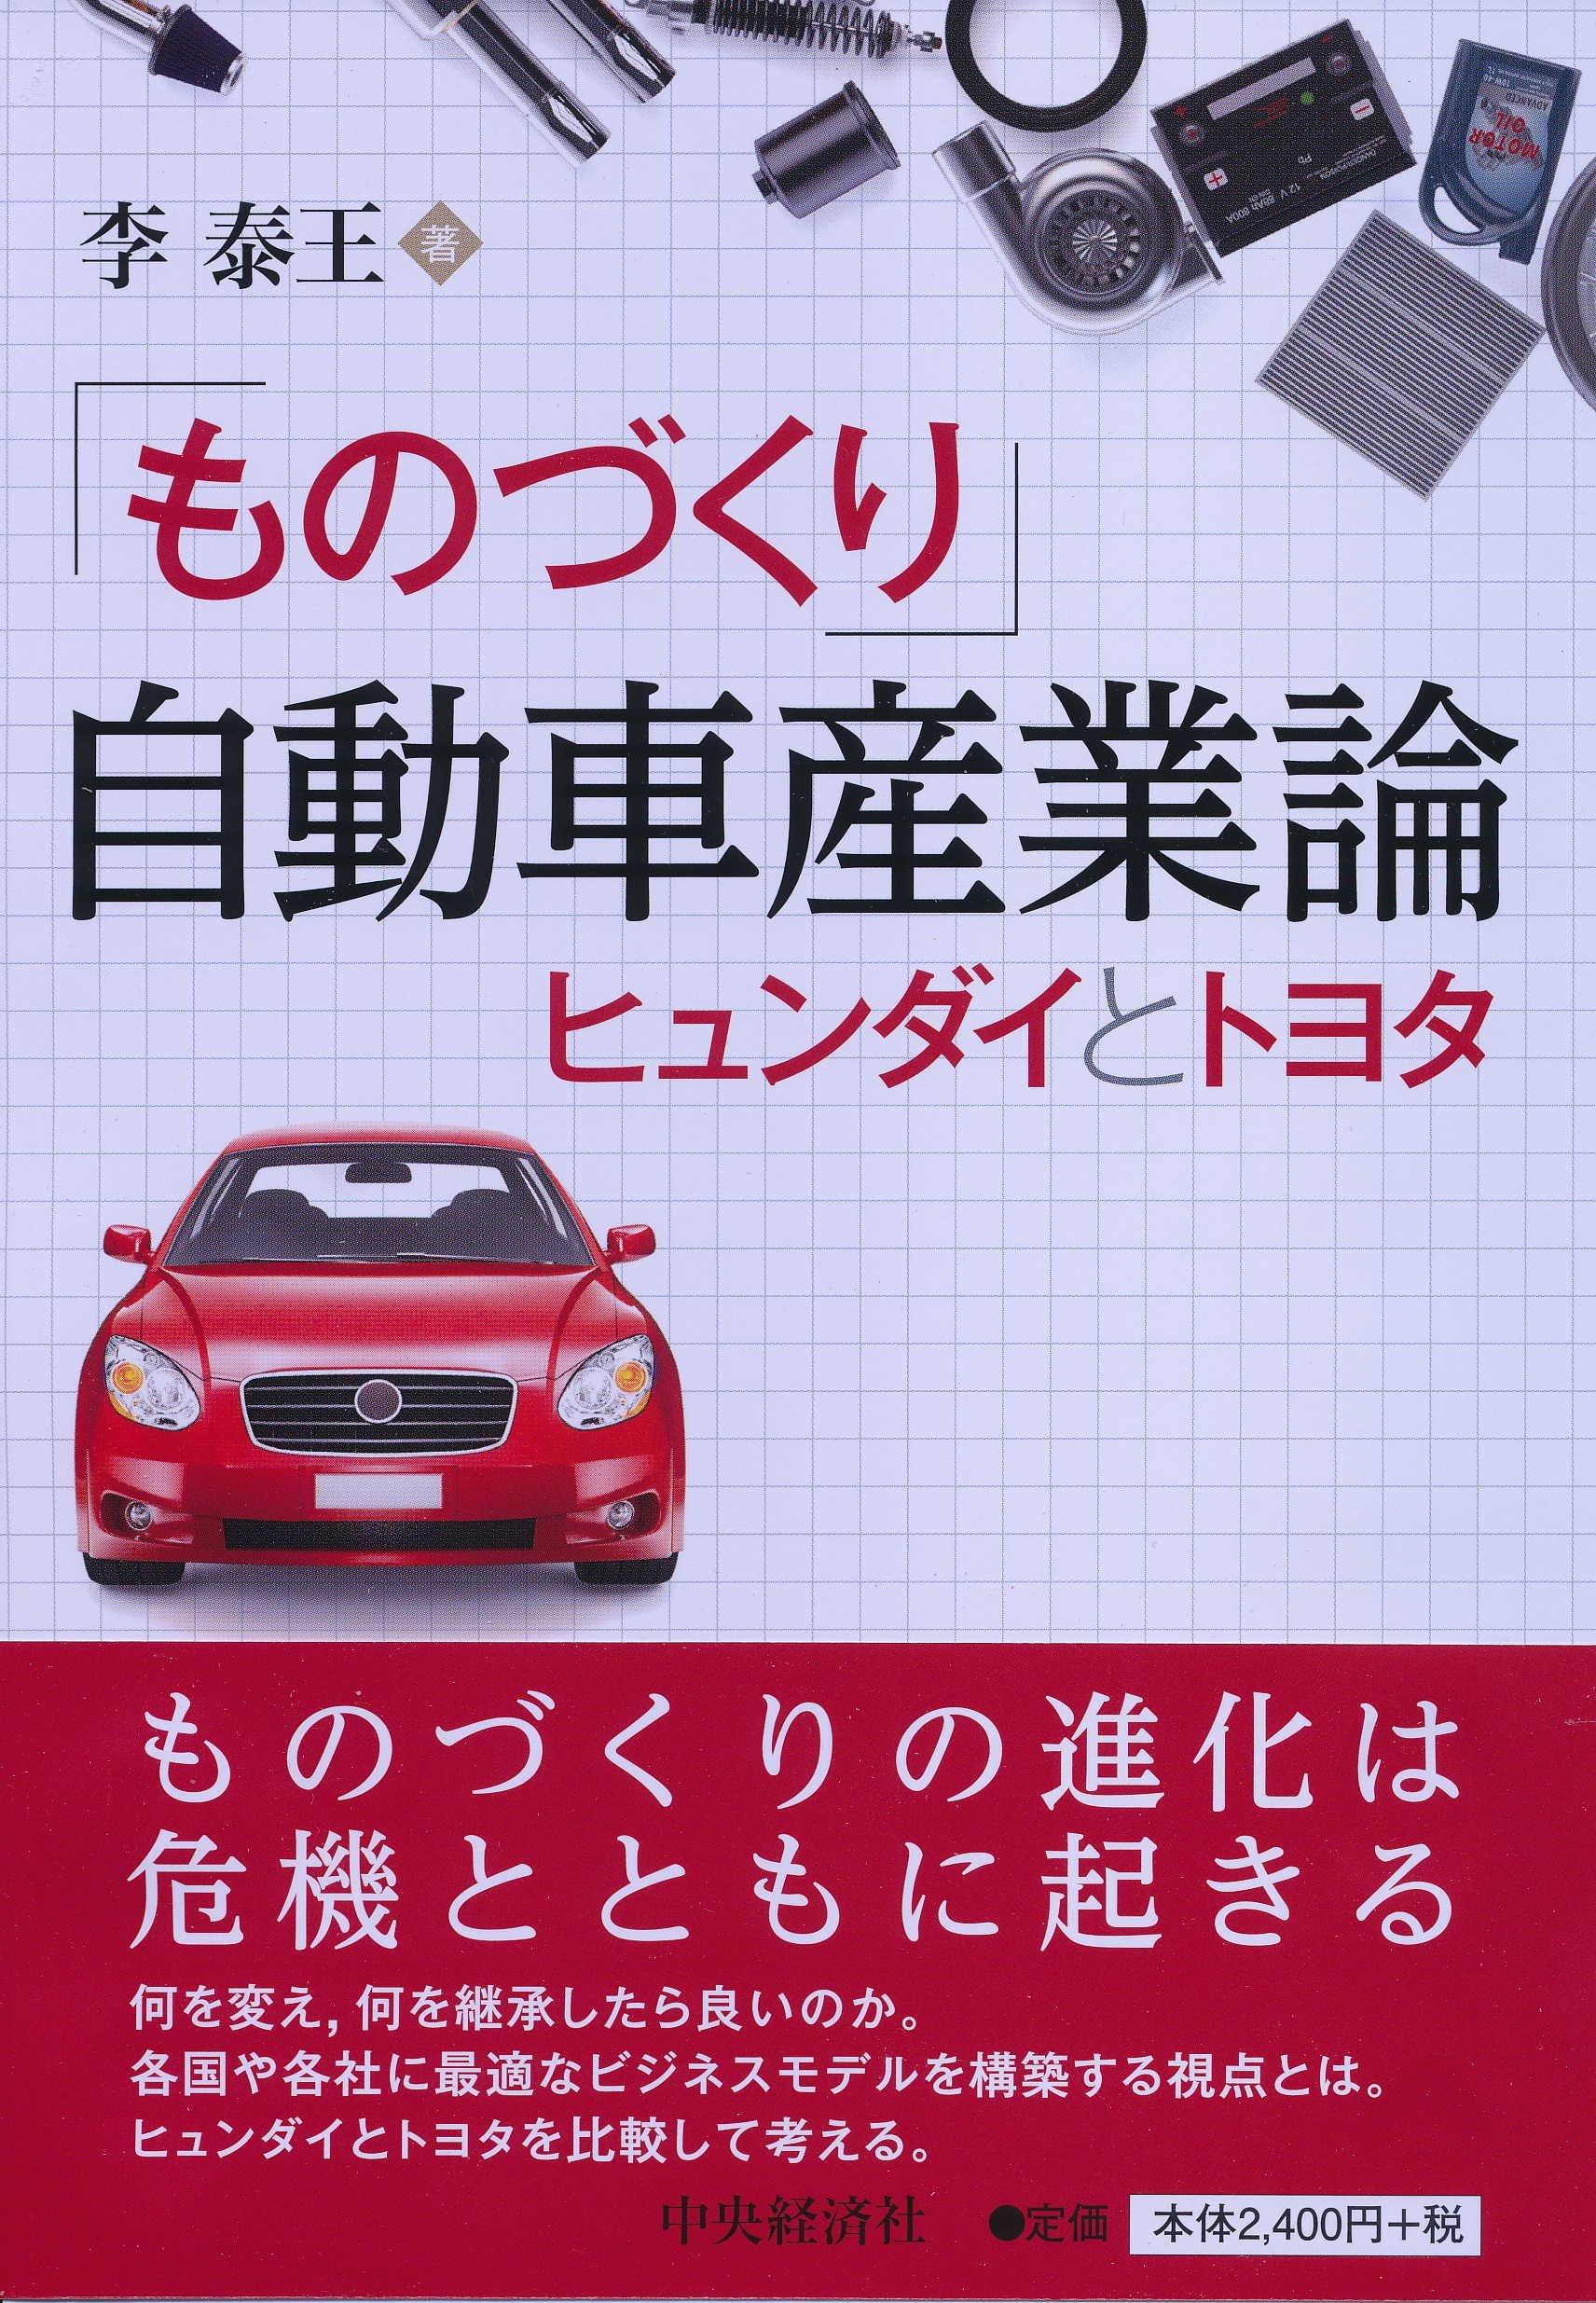 李泰王 (愛知大学)著 『「ものづくり」自動車産業論 -ヒュンダイとトヨタ』